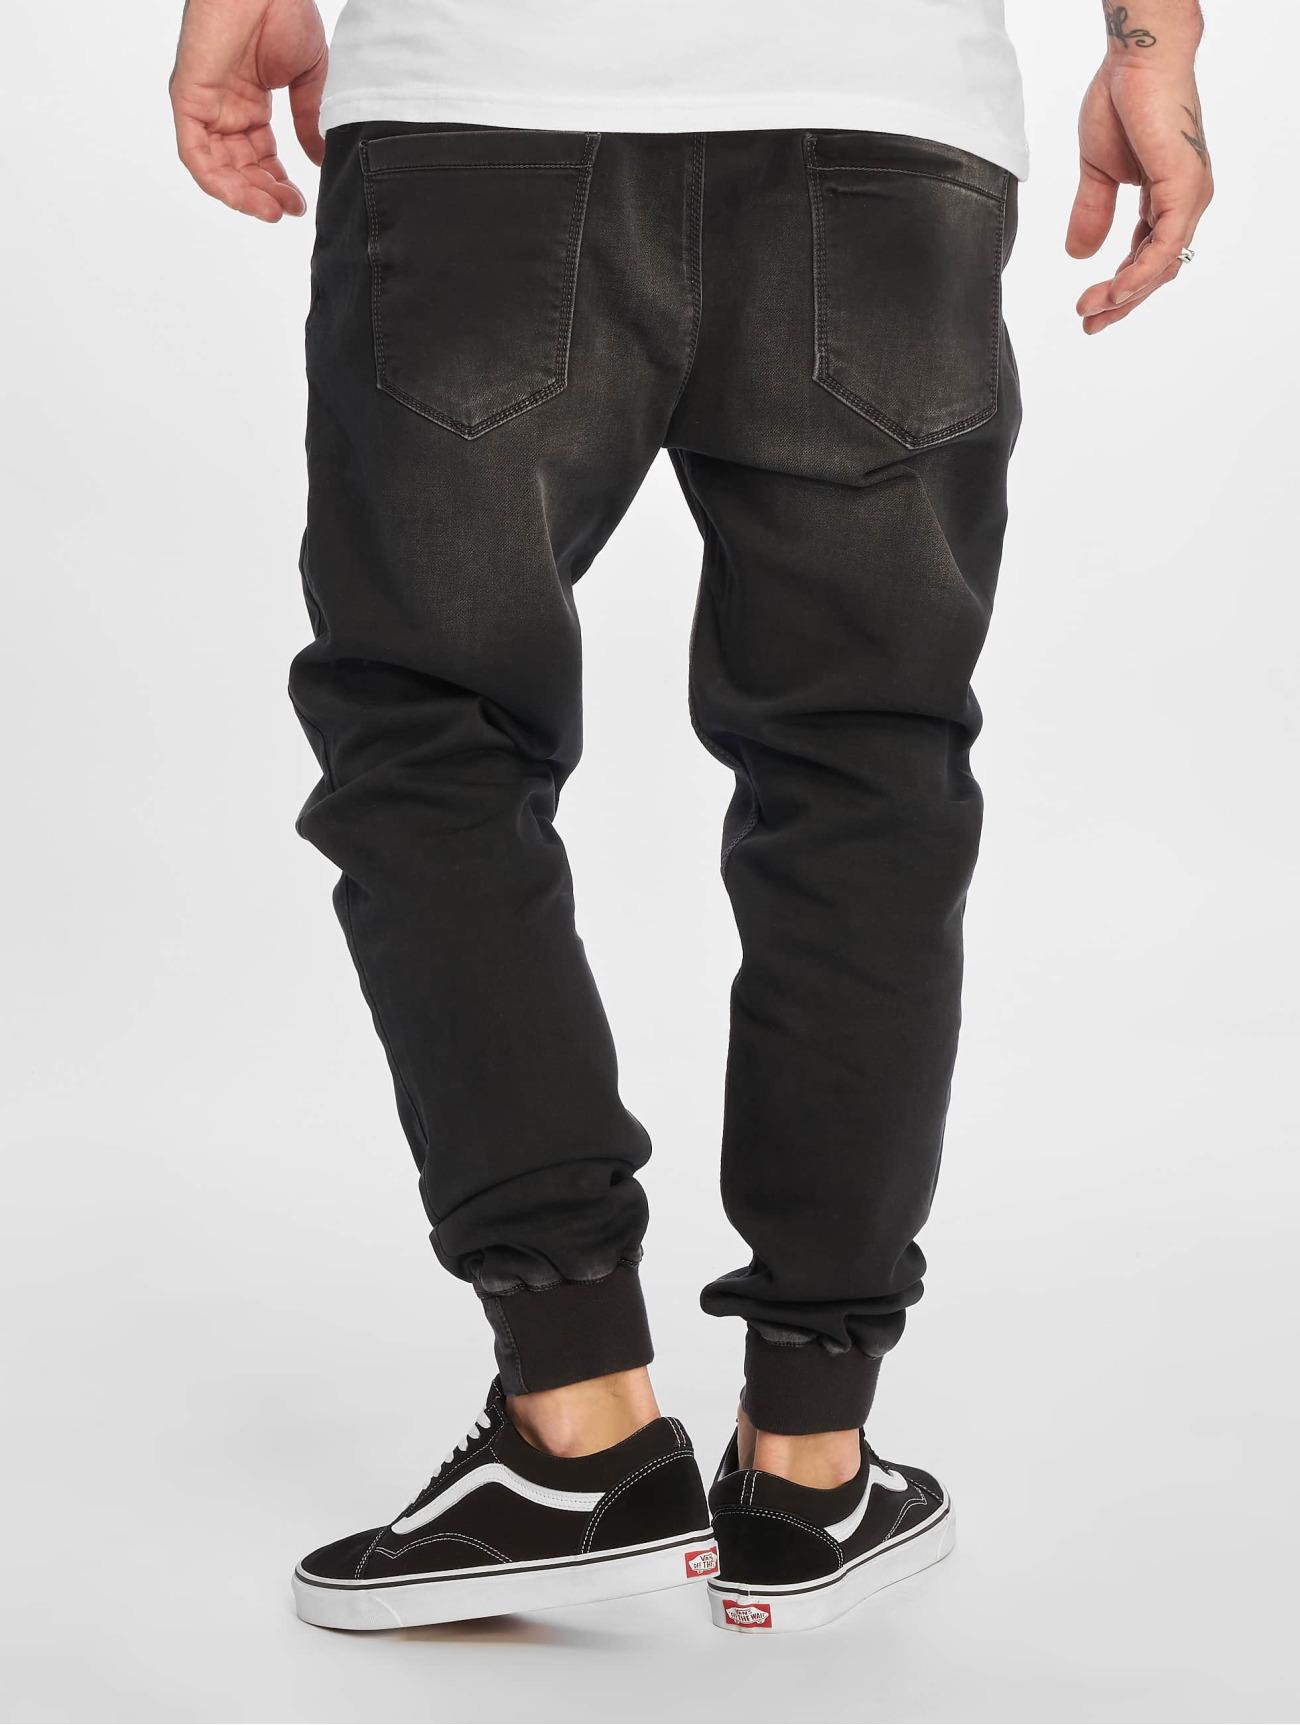 Reell Jeans Byxor / Joggingbyxor Reflex i svart 584960 Män Byxor